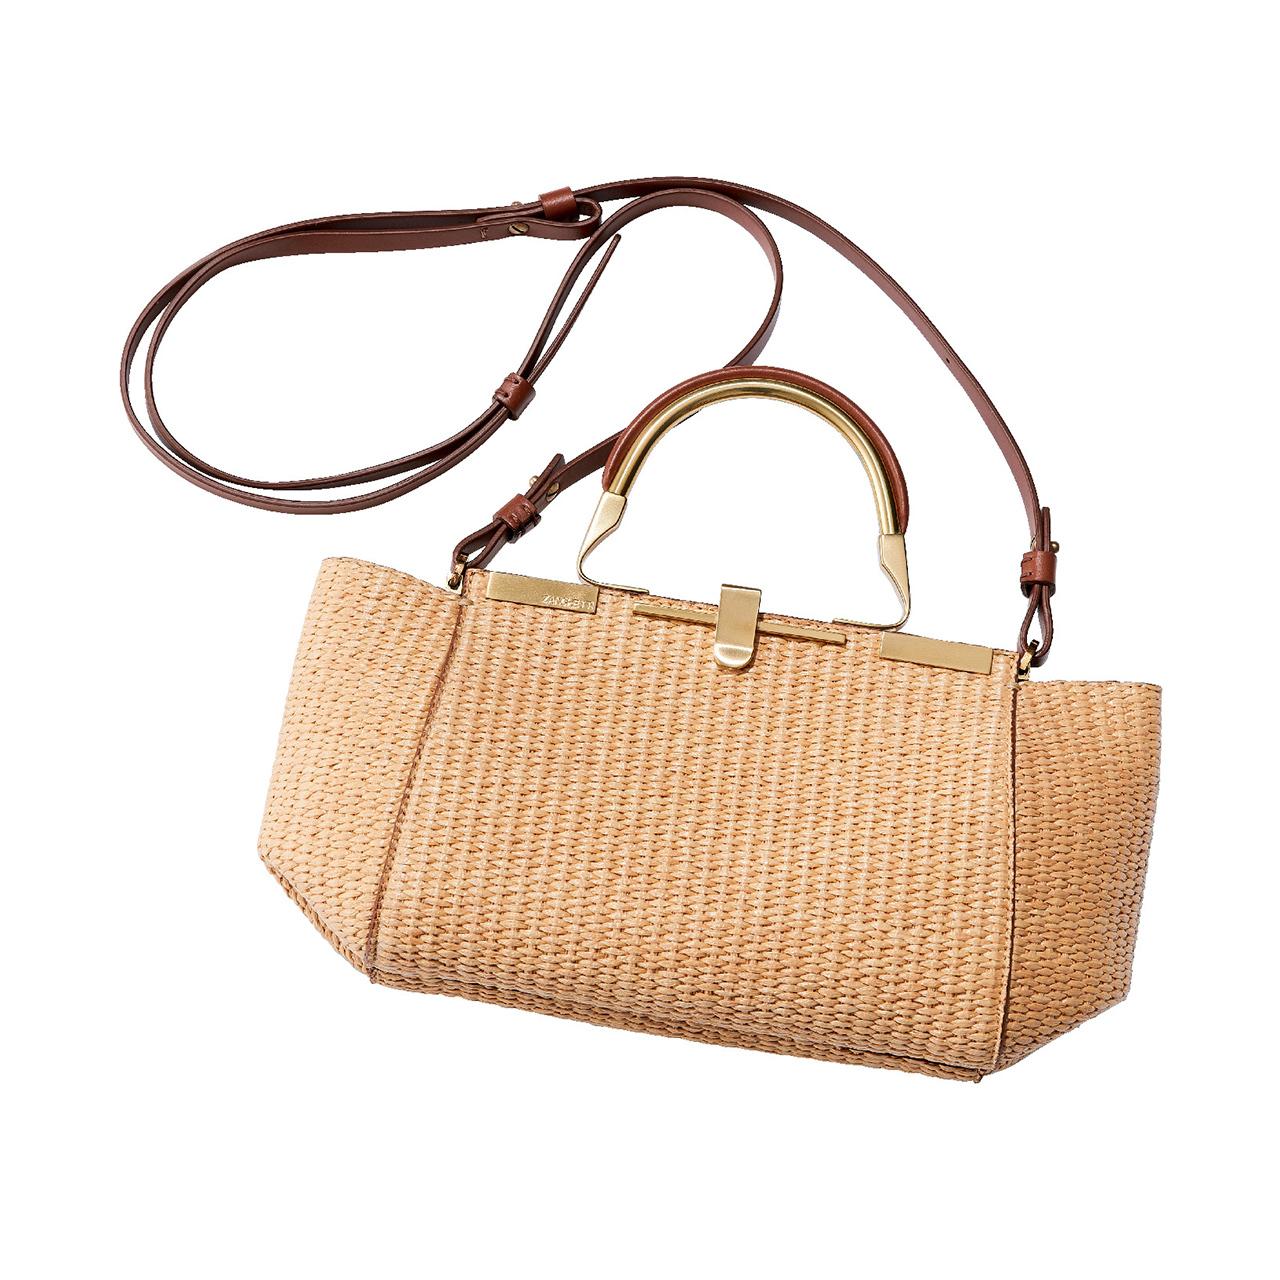 最新バッグはエクラ世代御用達ショップ発のブランドに名品あり! 五選_1_1-1